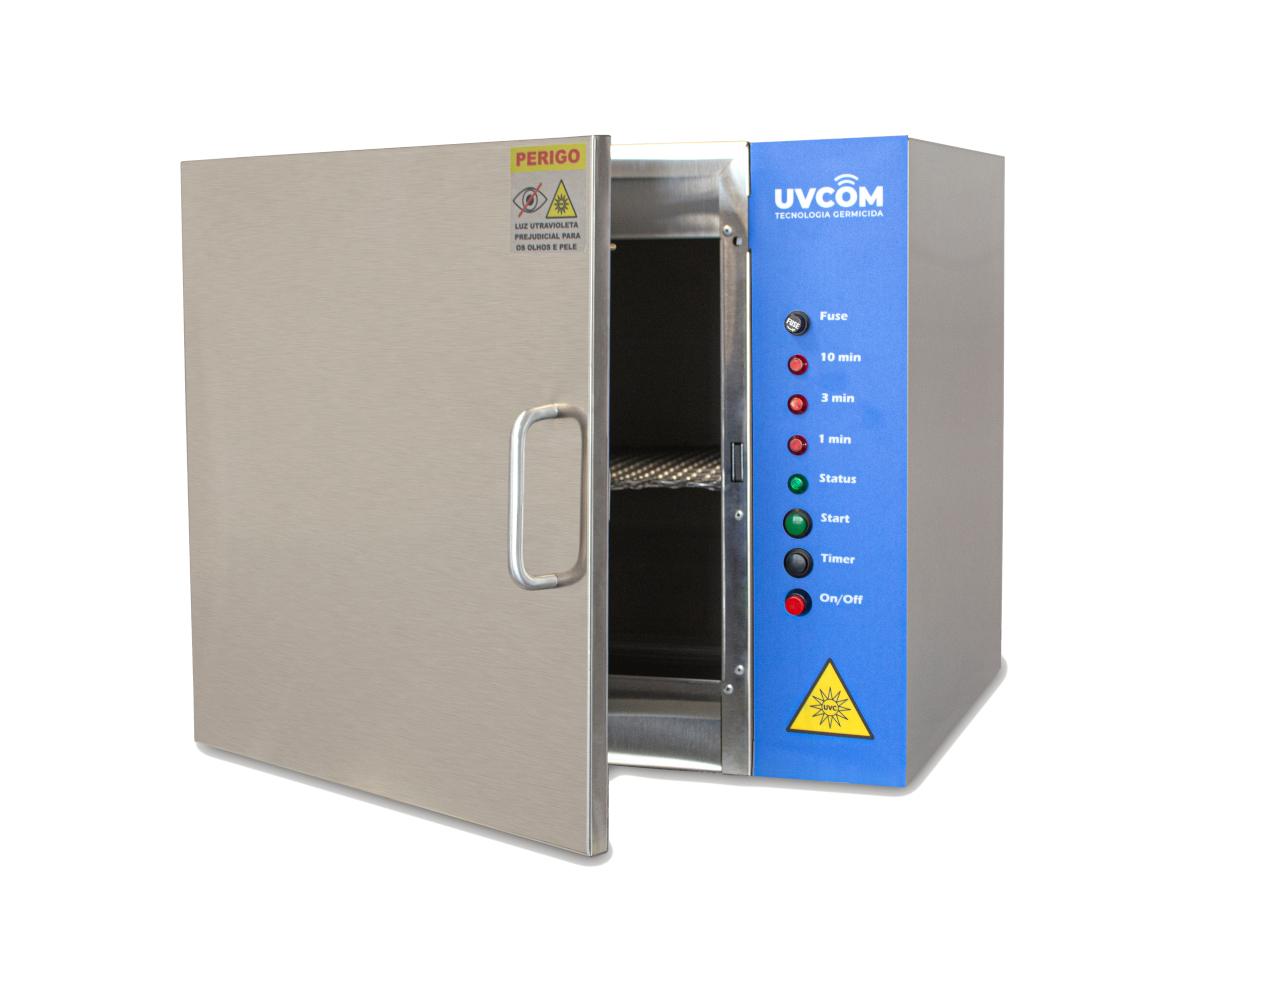 Imagem ilustrativa do equipamento ESTUFA UVCOM